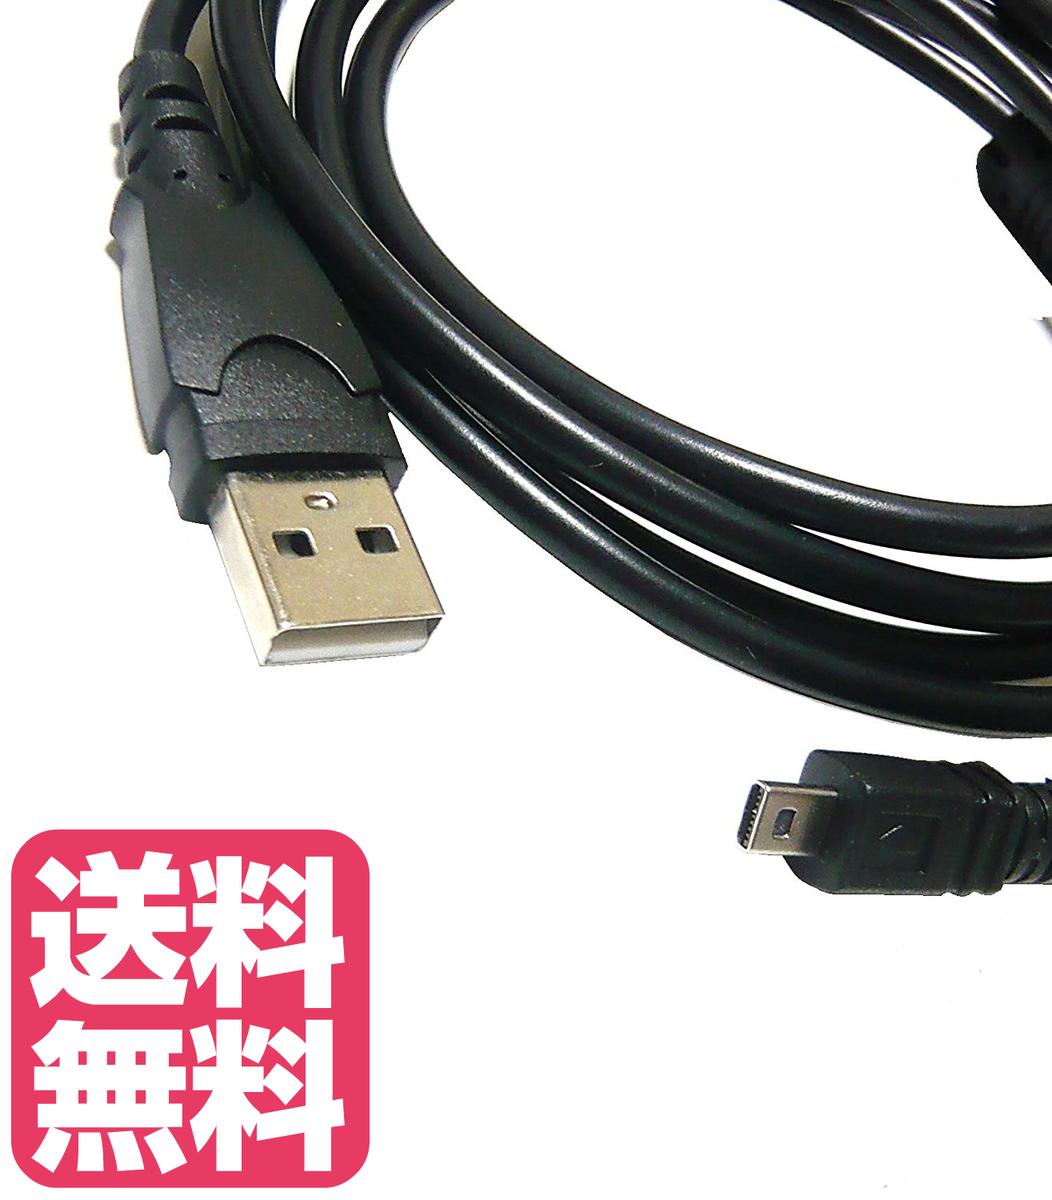 使いやすい データ転送 予備として 代用 代替品 充電 コスパ COOLPIX S3300 p-520 S3600 L26 lumix パナソニックにも カメラに接続 送料無料 送料無料 ニコン用USBケーブル UC-E6互換品 NikonUSBケーブル Nikon専用 USBコネクタ USB充電ケーブル 充電コネクター USBアダプター カメラ用ケーブル デジカメ デジタルカメラ コンパクトデジタルカメラ COOLPIXシリーズ JPY